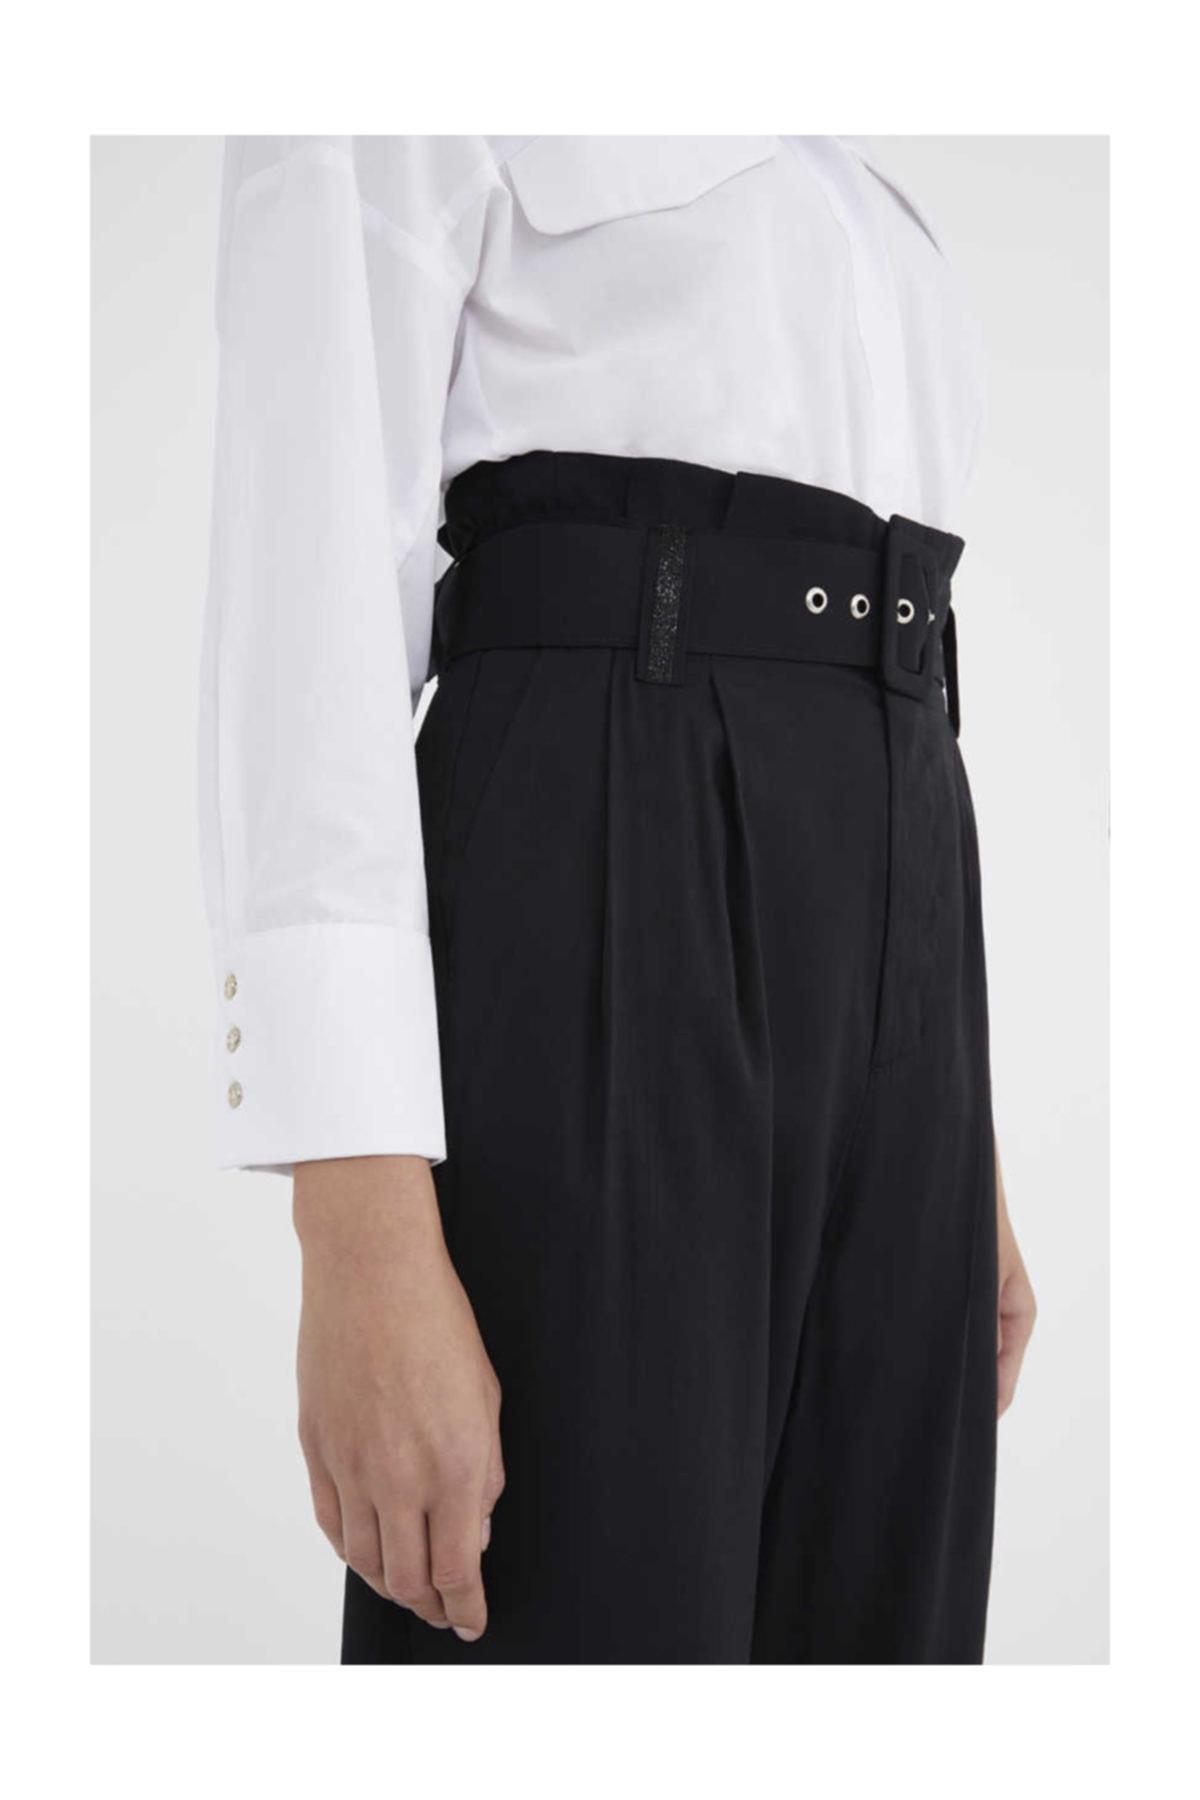 SOCIETA Kemerli Pantalon Siyah 41351